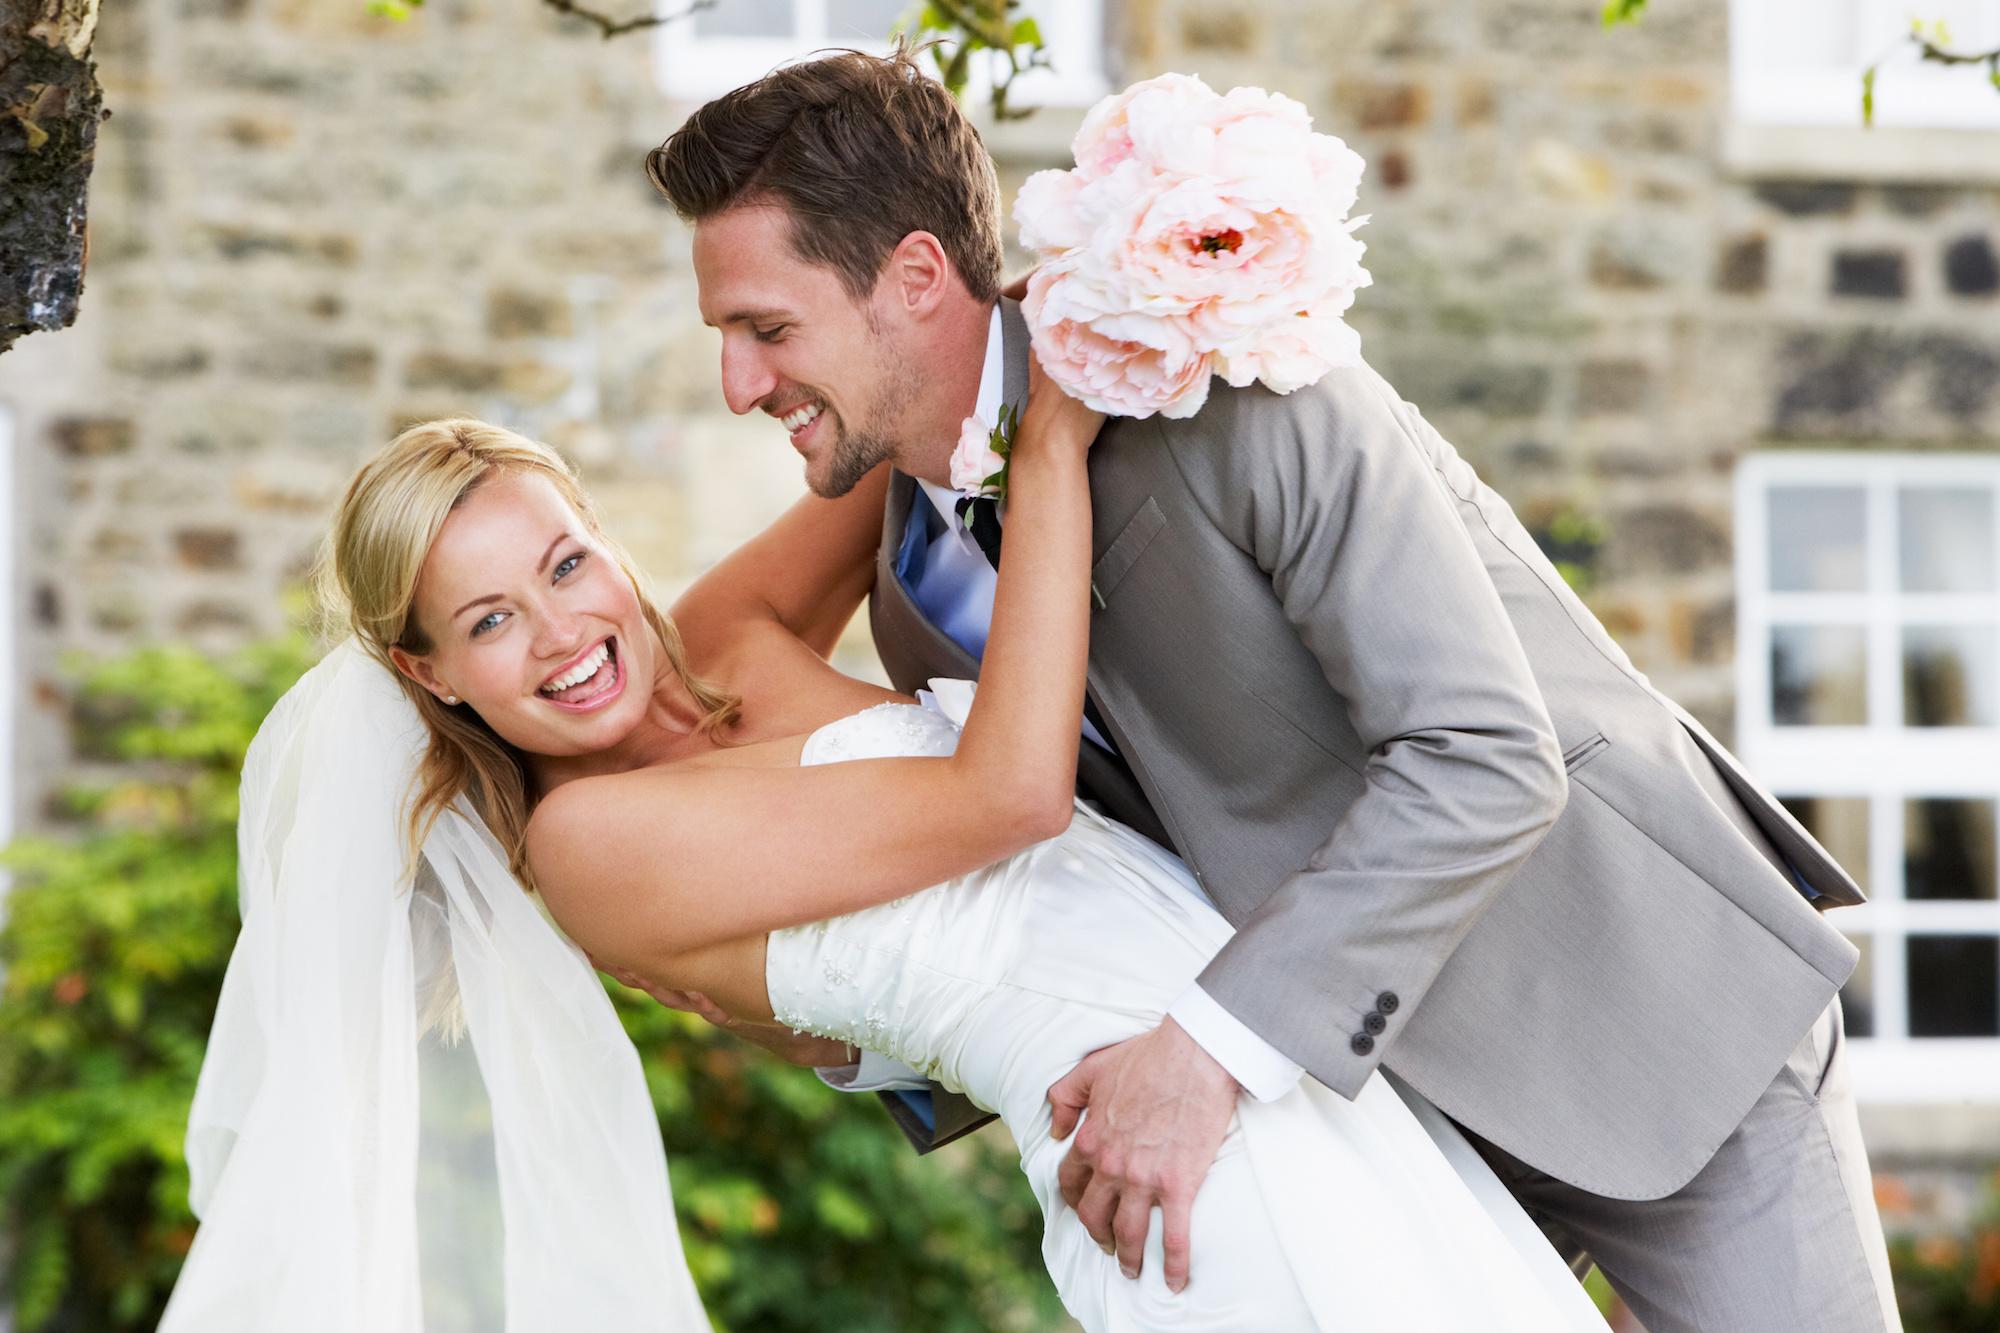 Créez votre propre journal journal de mariage - Happiedays